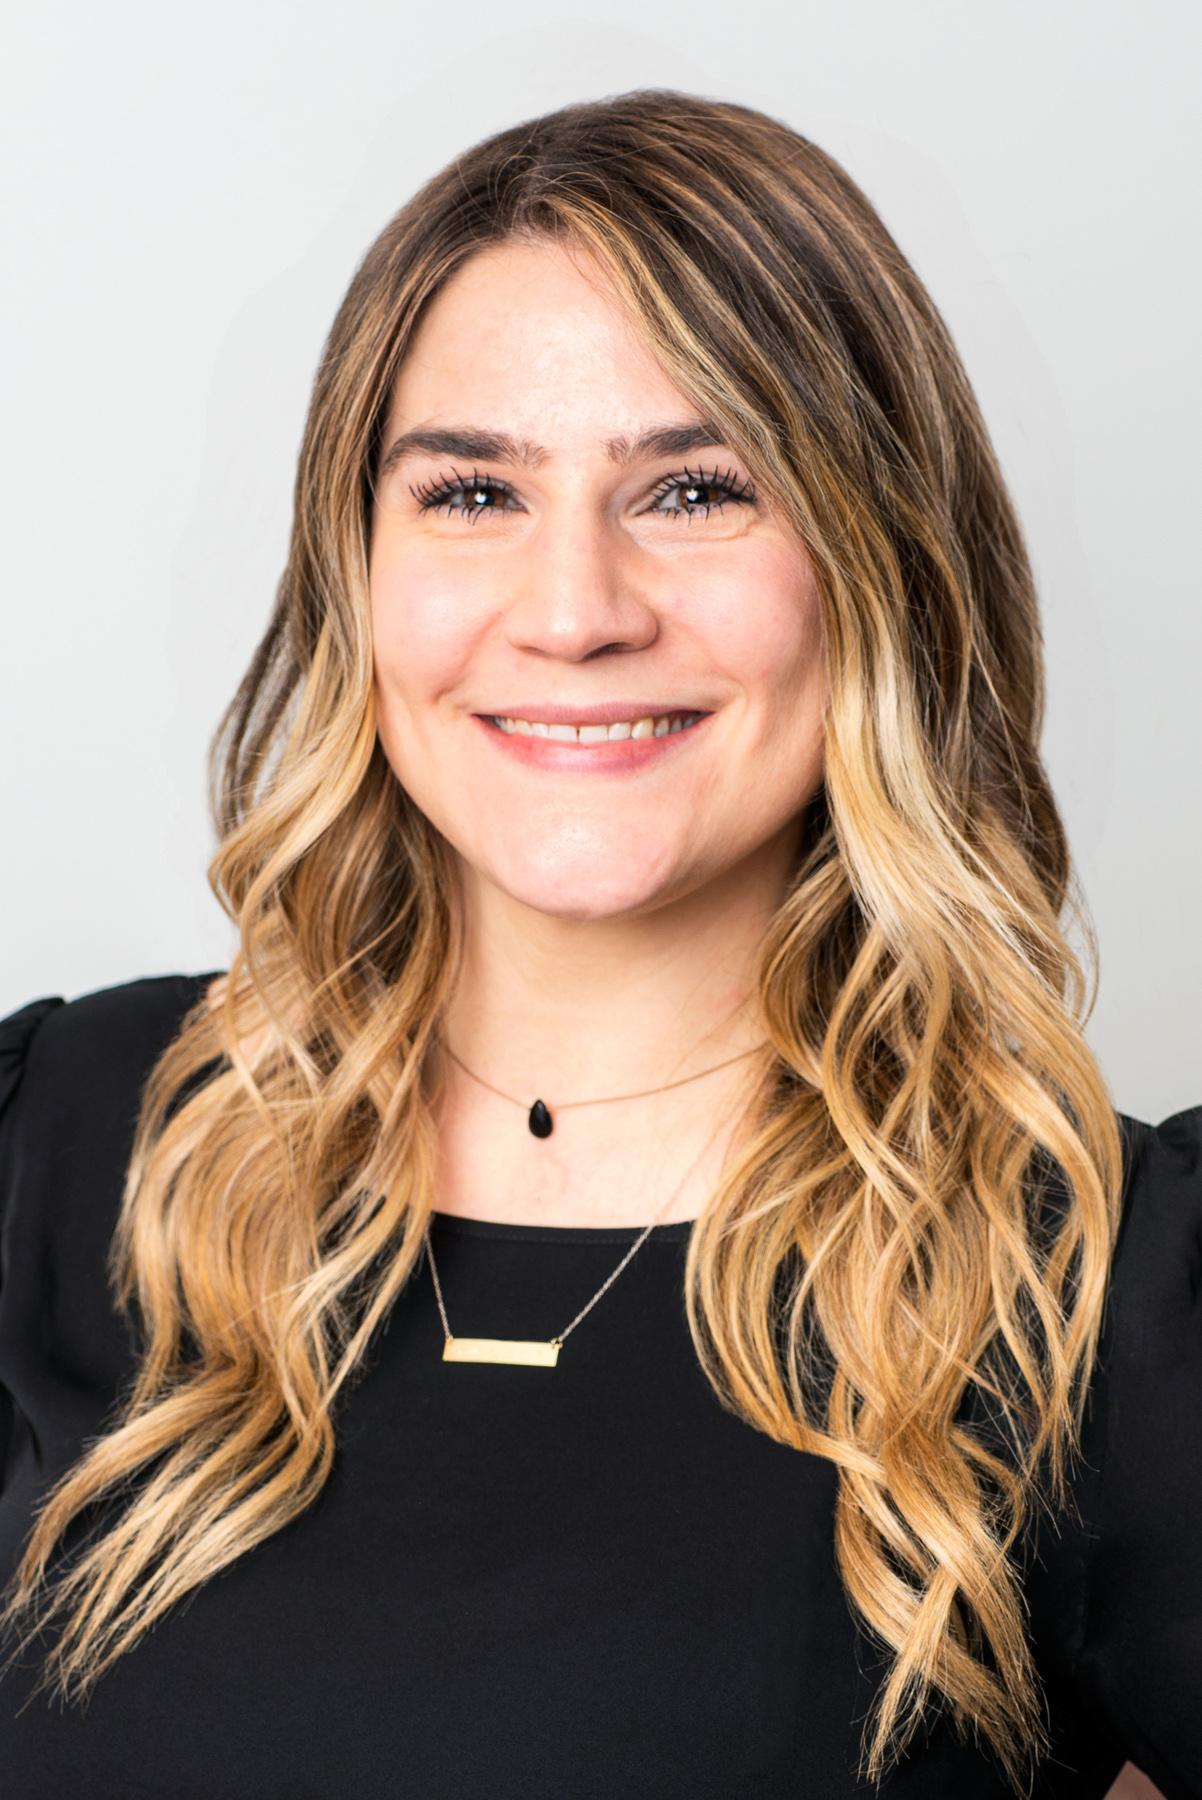 Christina DeSandro